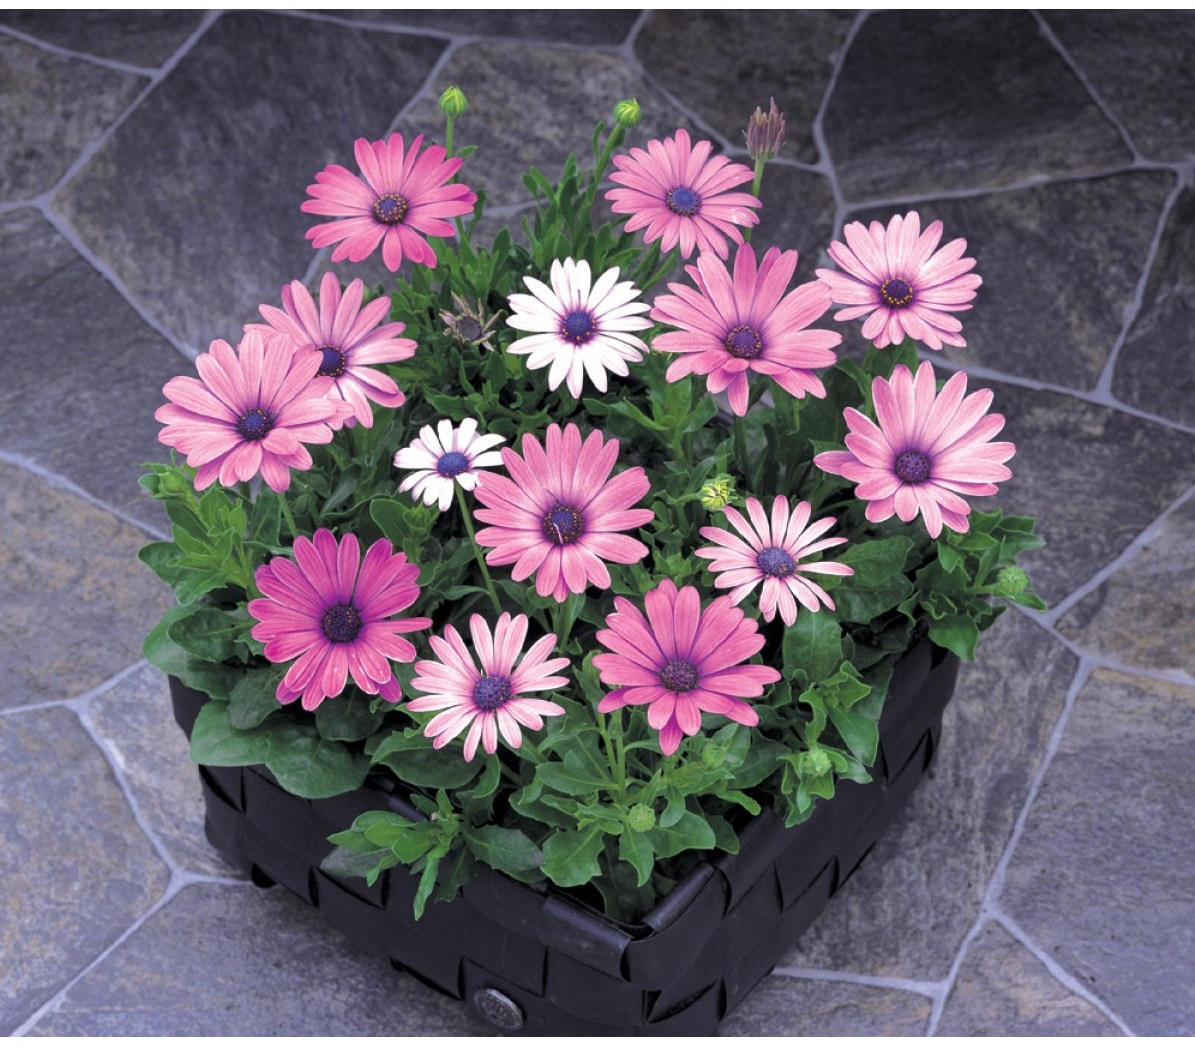 Hoa cúc cho ngày tết và cách chọn hoa